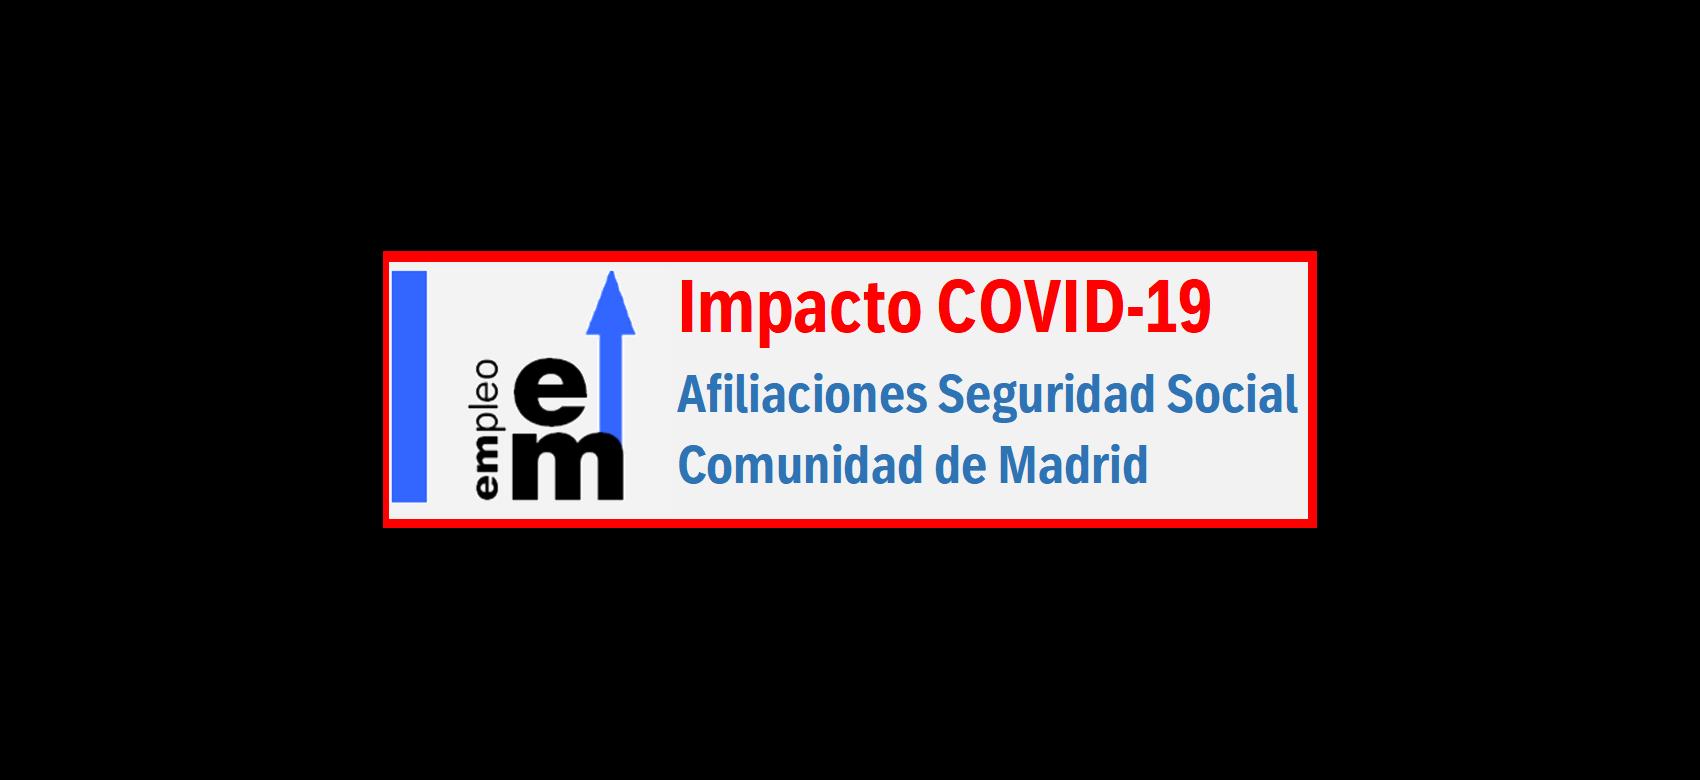 Texto con el mensaje Impacto COVID-19 en las afiliaciones a la Seguridad Social